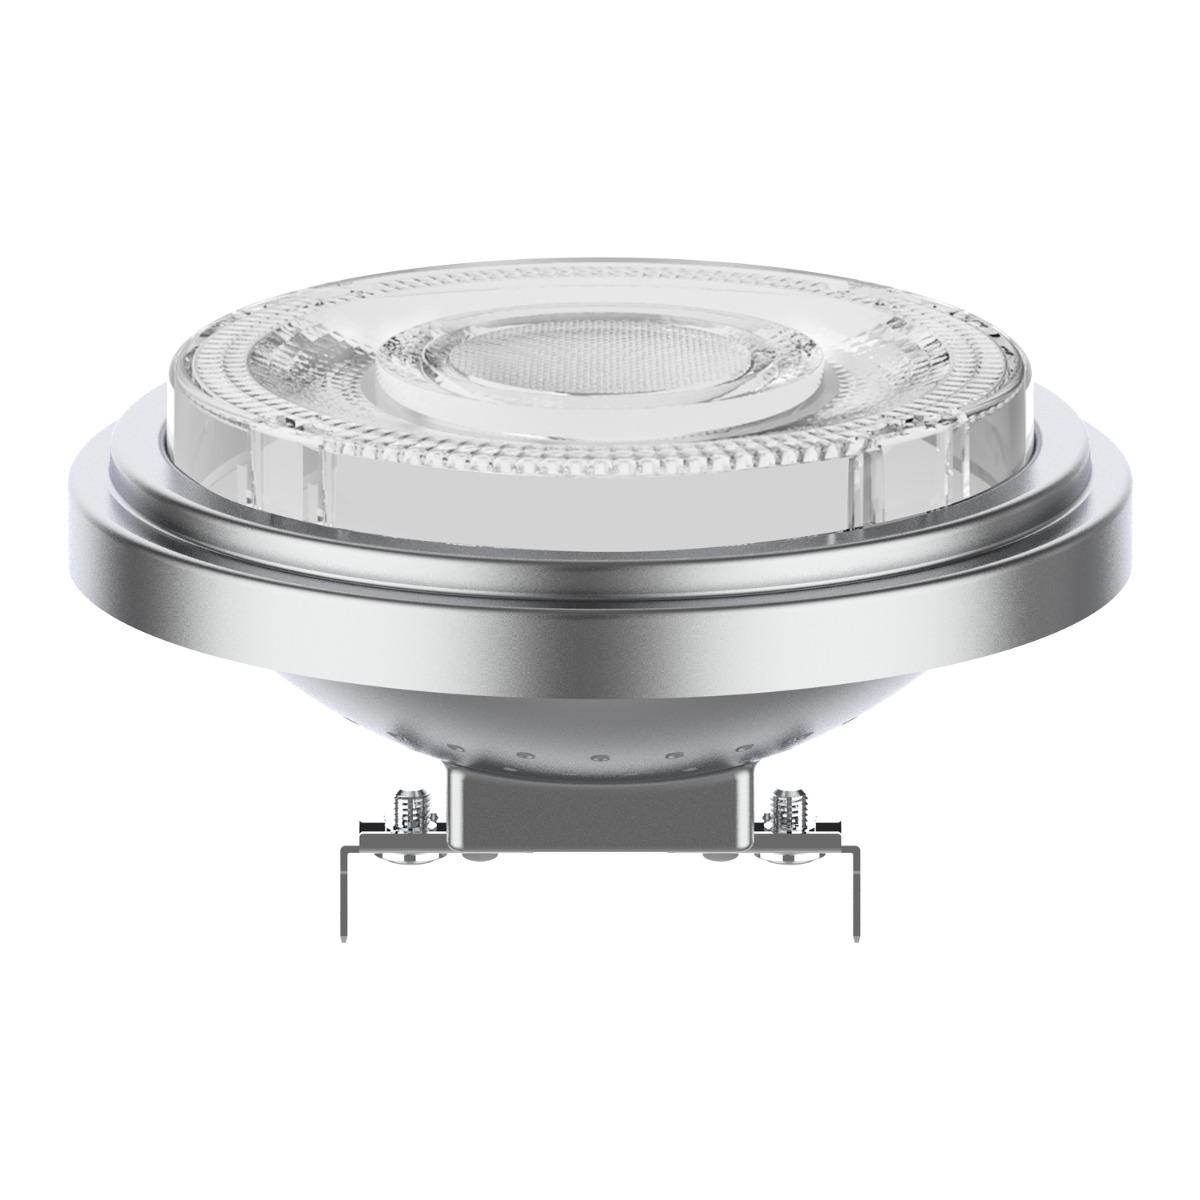 Noxion Lucent LED Spot AR111 G53 12V 11.5W 927 24D | Dimbaar - Beste Kleurweergave - Vervangt 75W